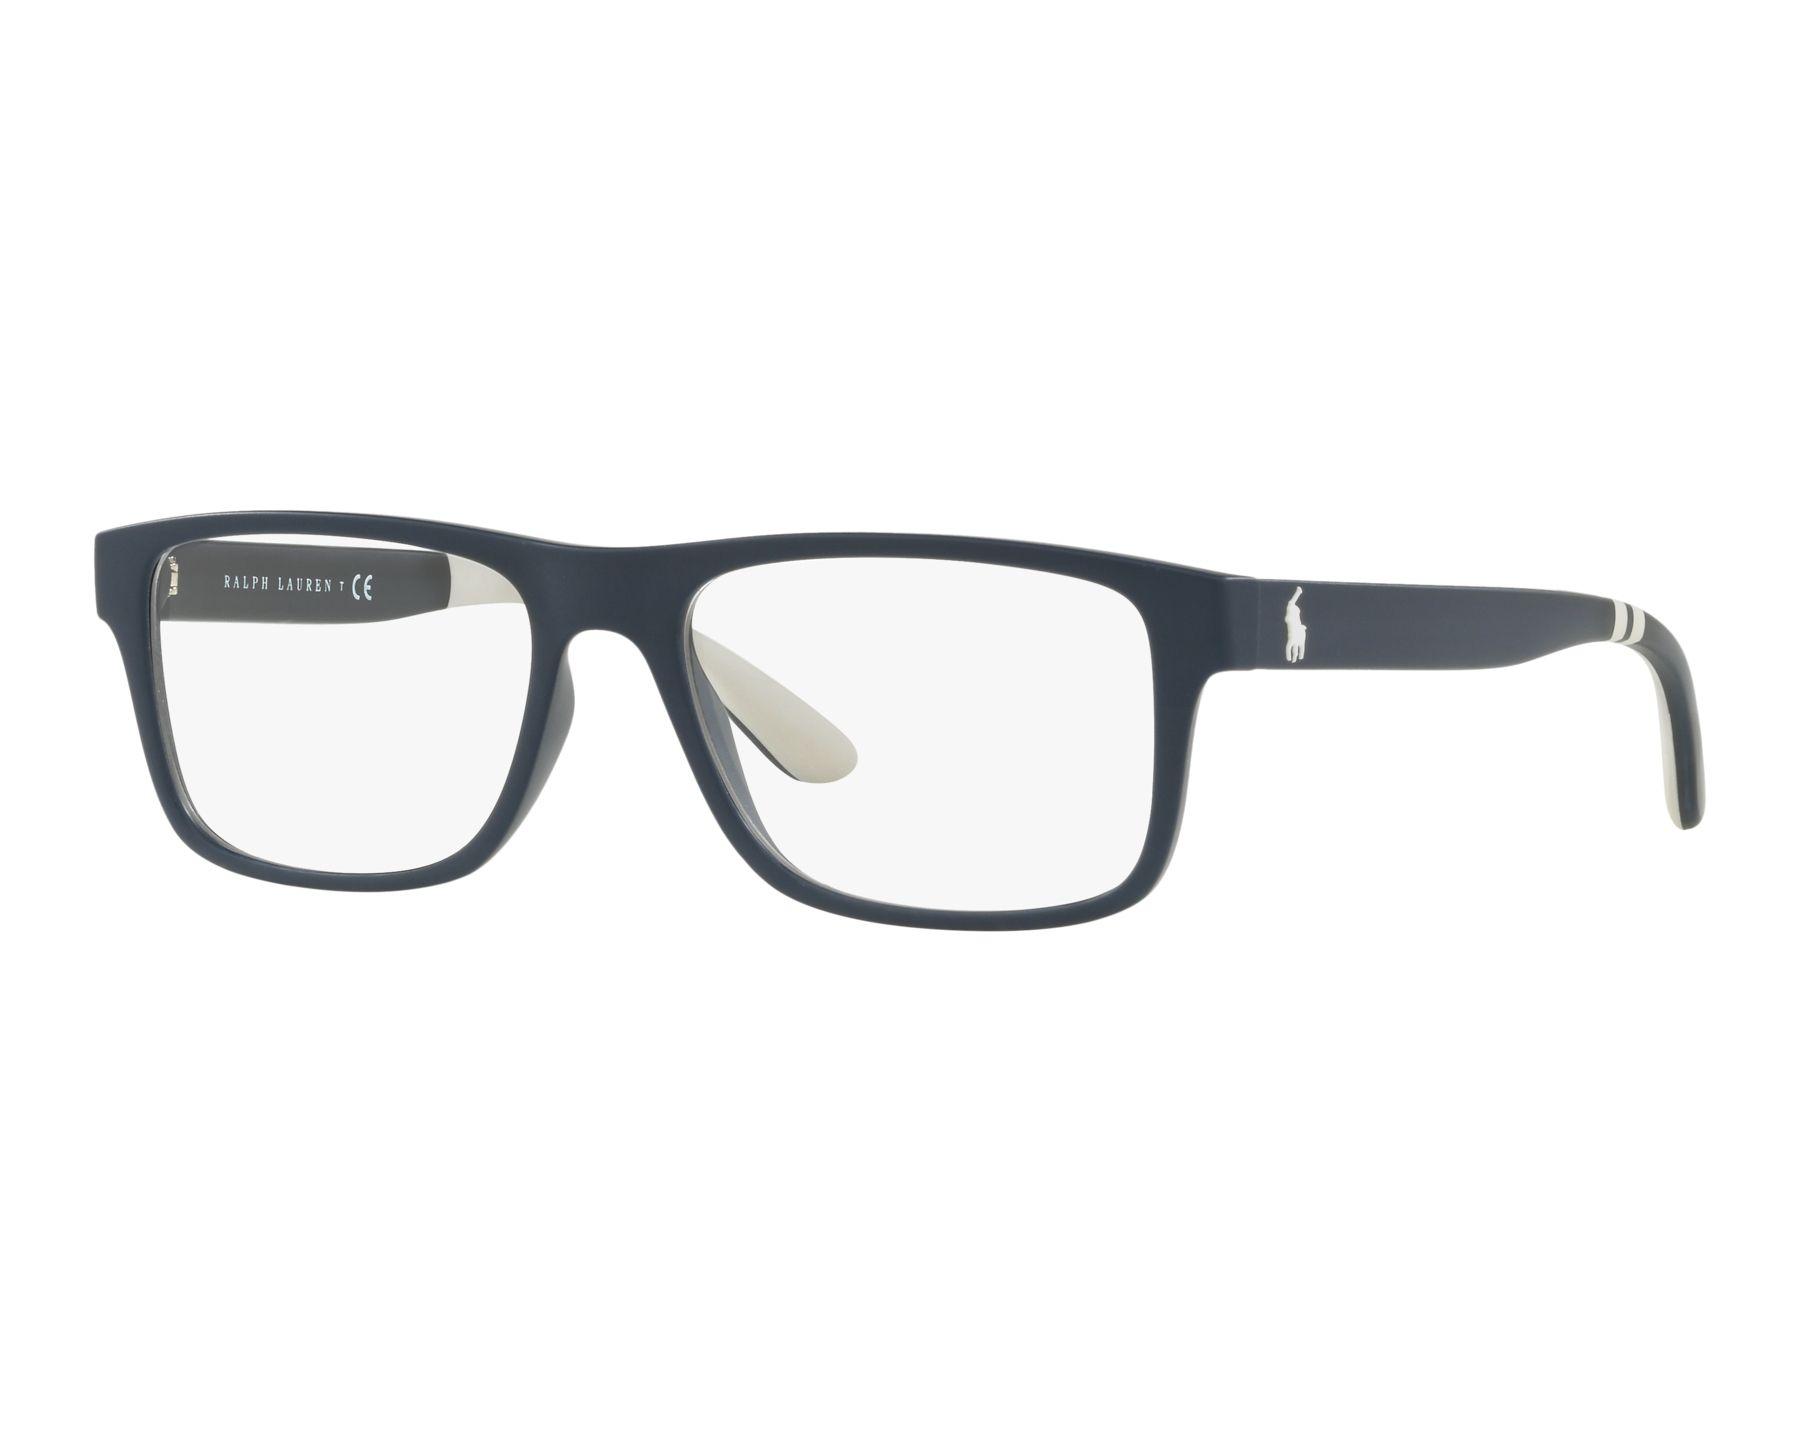 Polo Herren Brille » PH2182«, schwarz, 5523 - schwarz